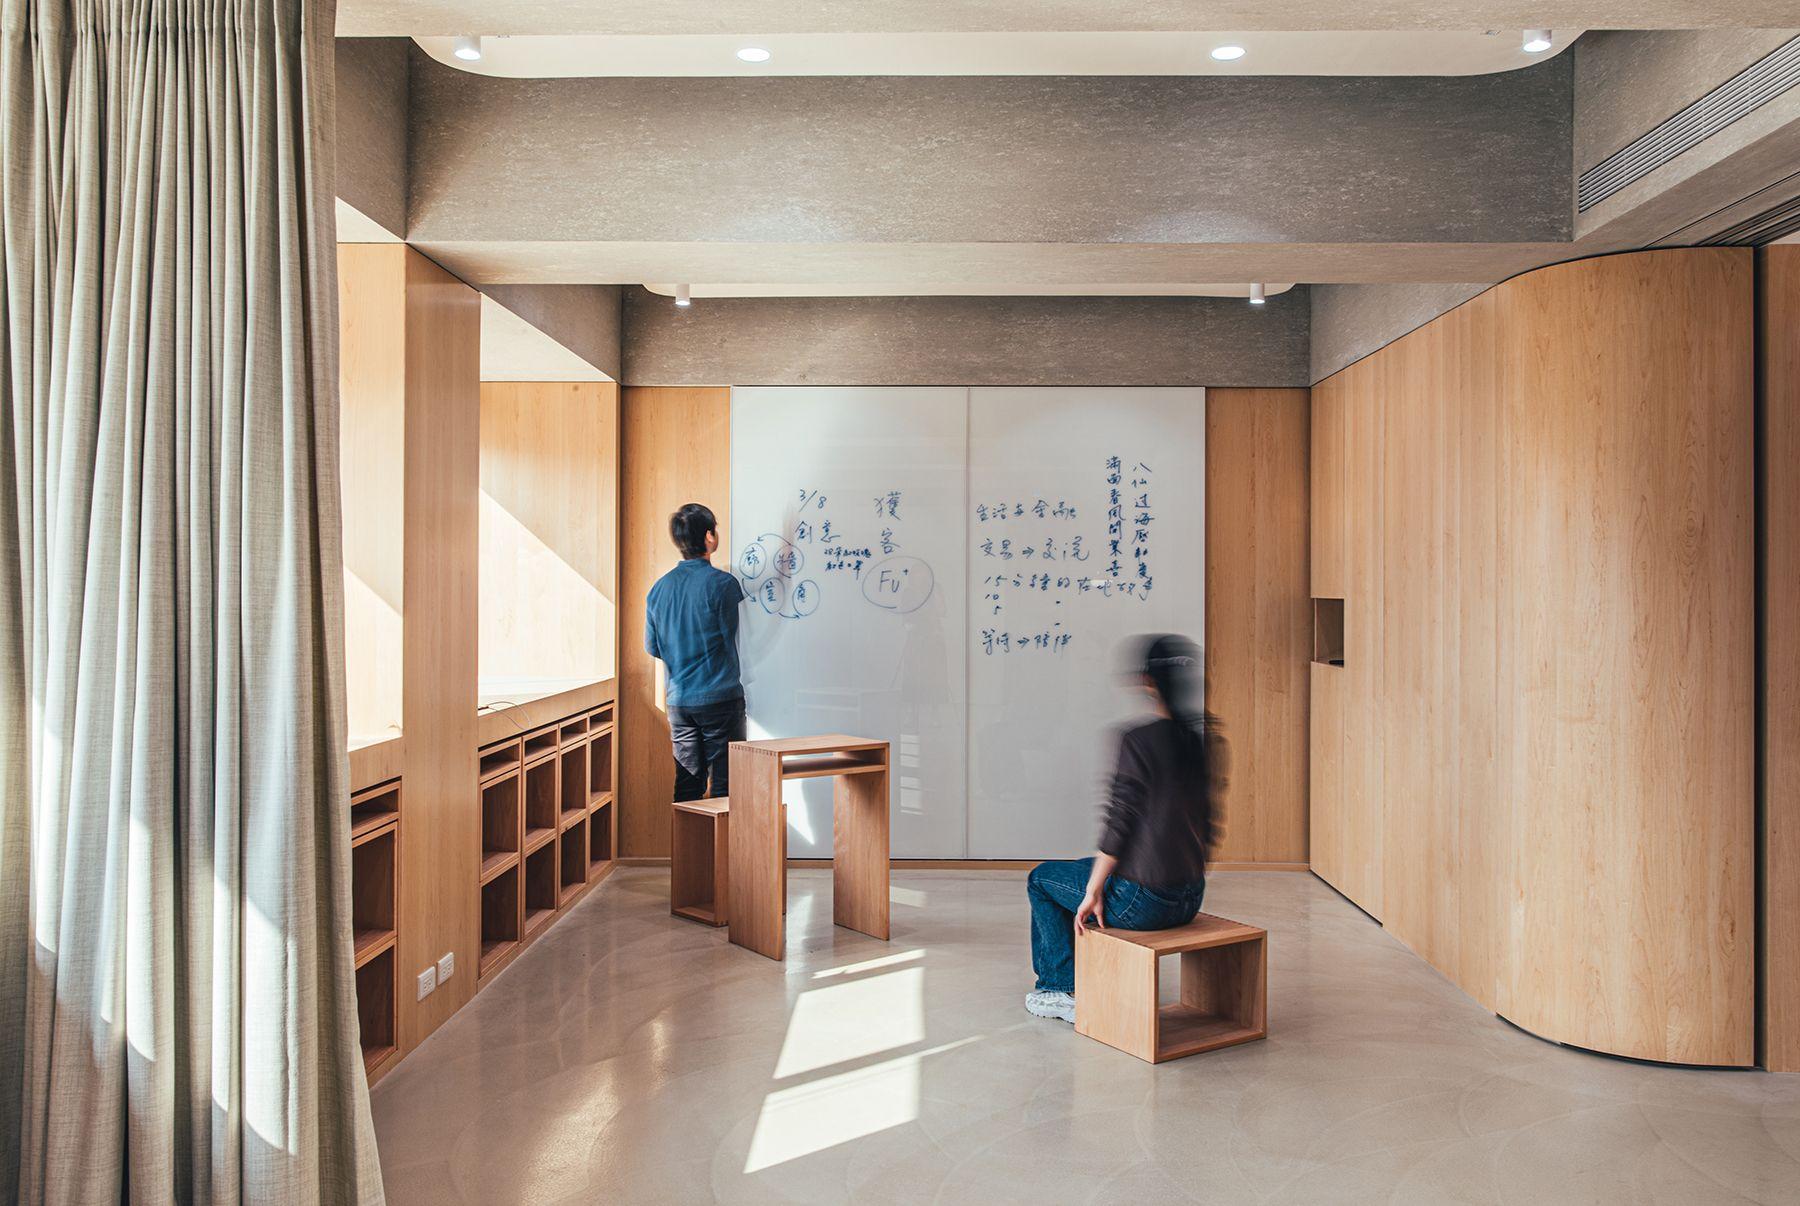 可作各式共學活動的多用途室,配置模組化傢俱,方便靈活多變使用。圖⽚來源:Plan b